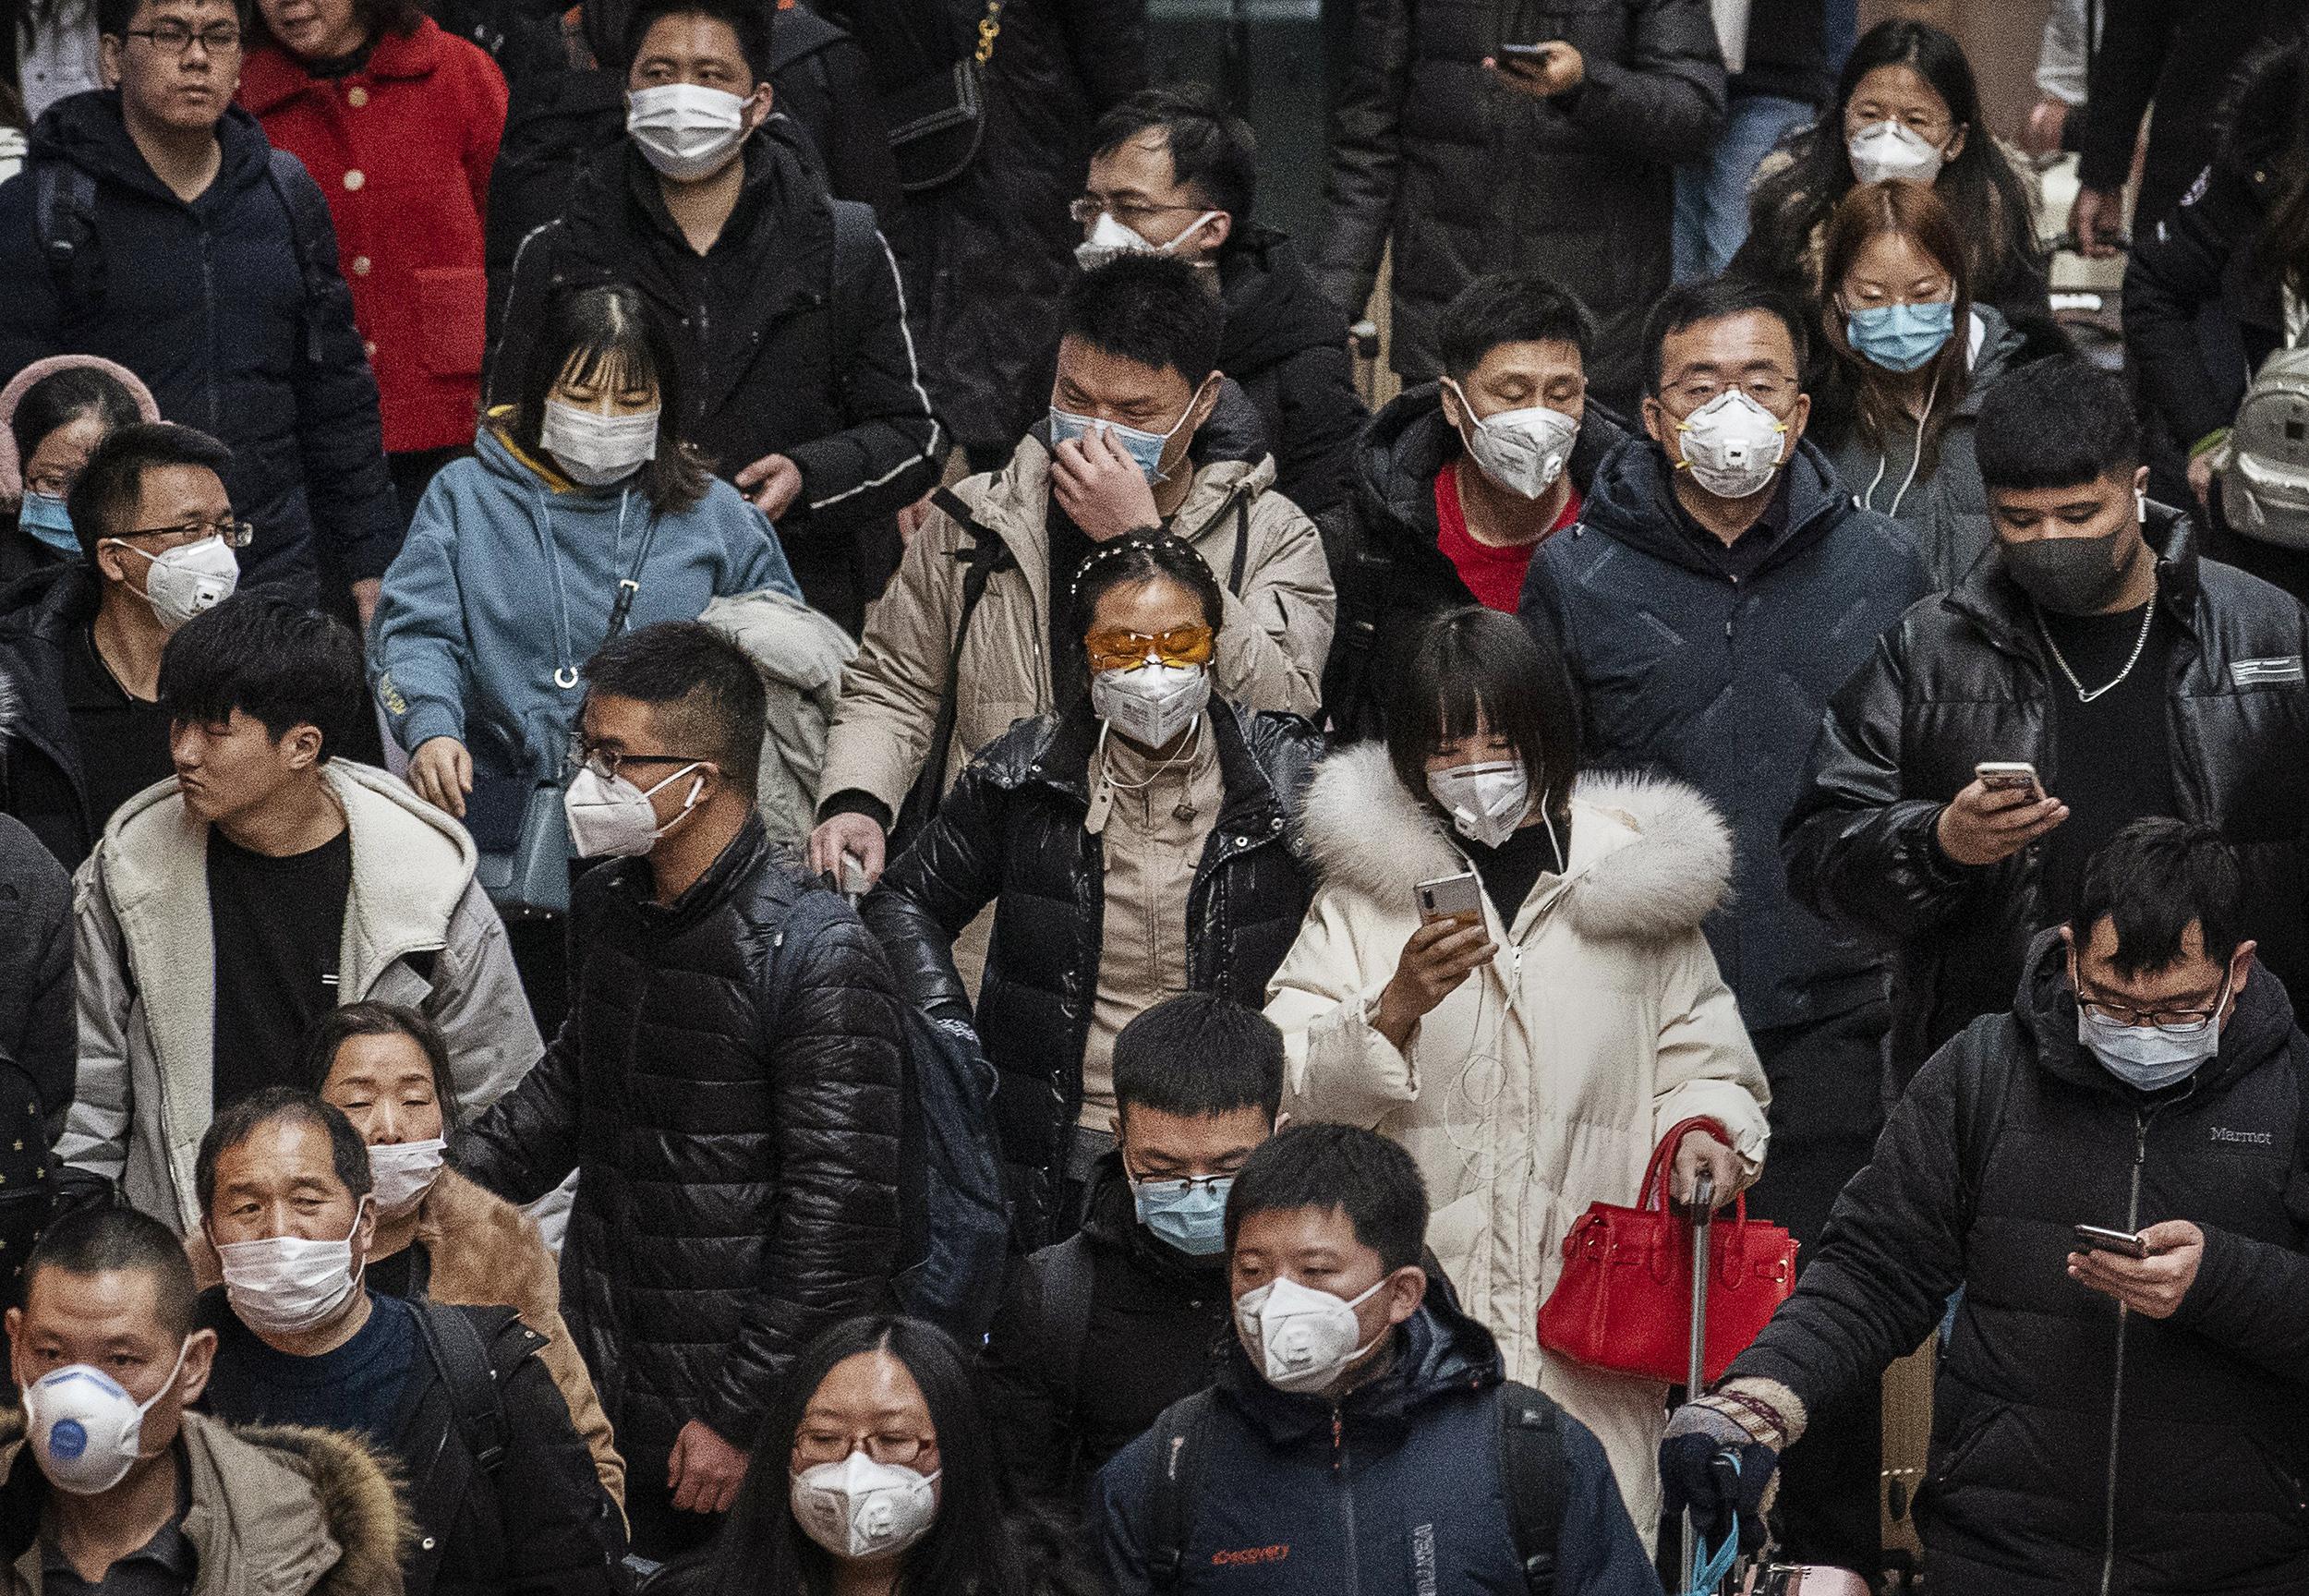 Con la propagación del coronavirus, aumentan los casos de xenofobia y discriminación contra personas asiáticas